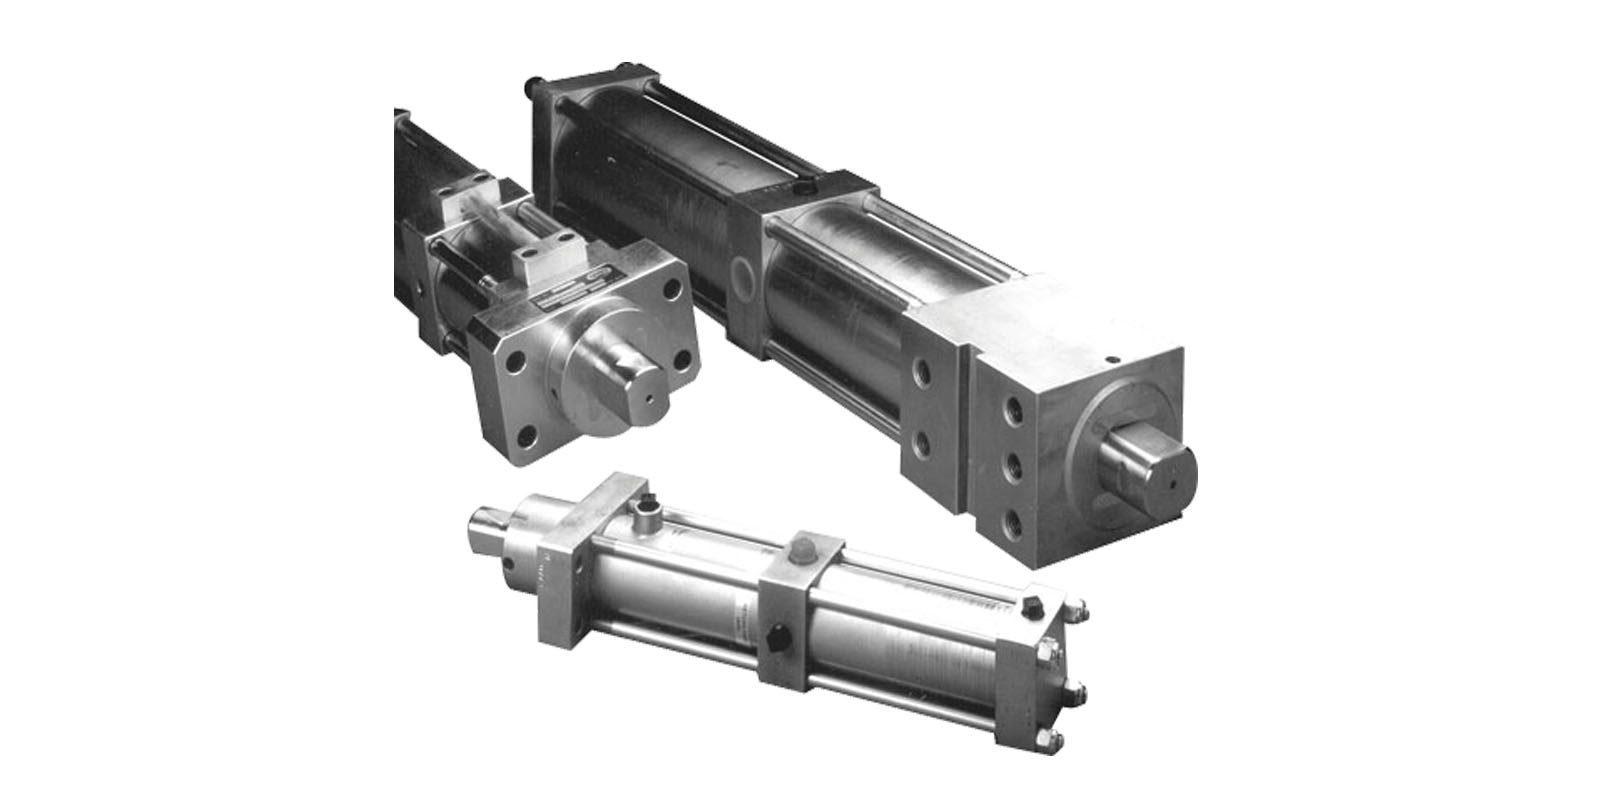 cilindros y actuadores para soldadura